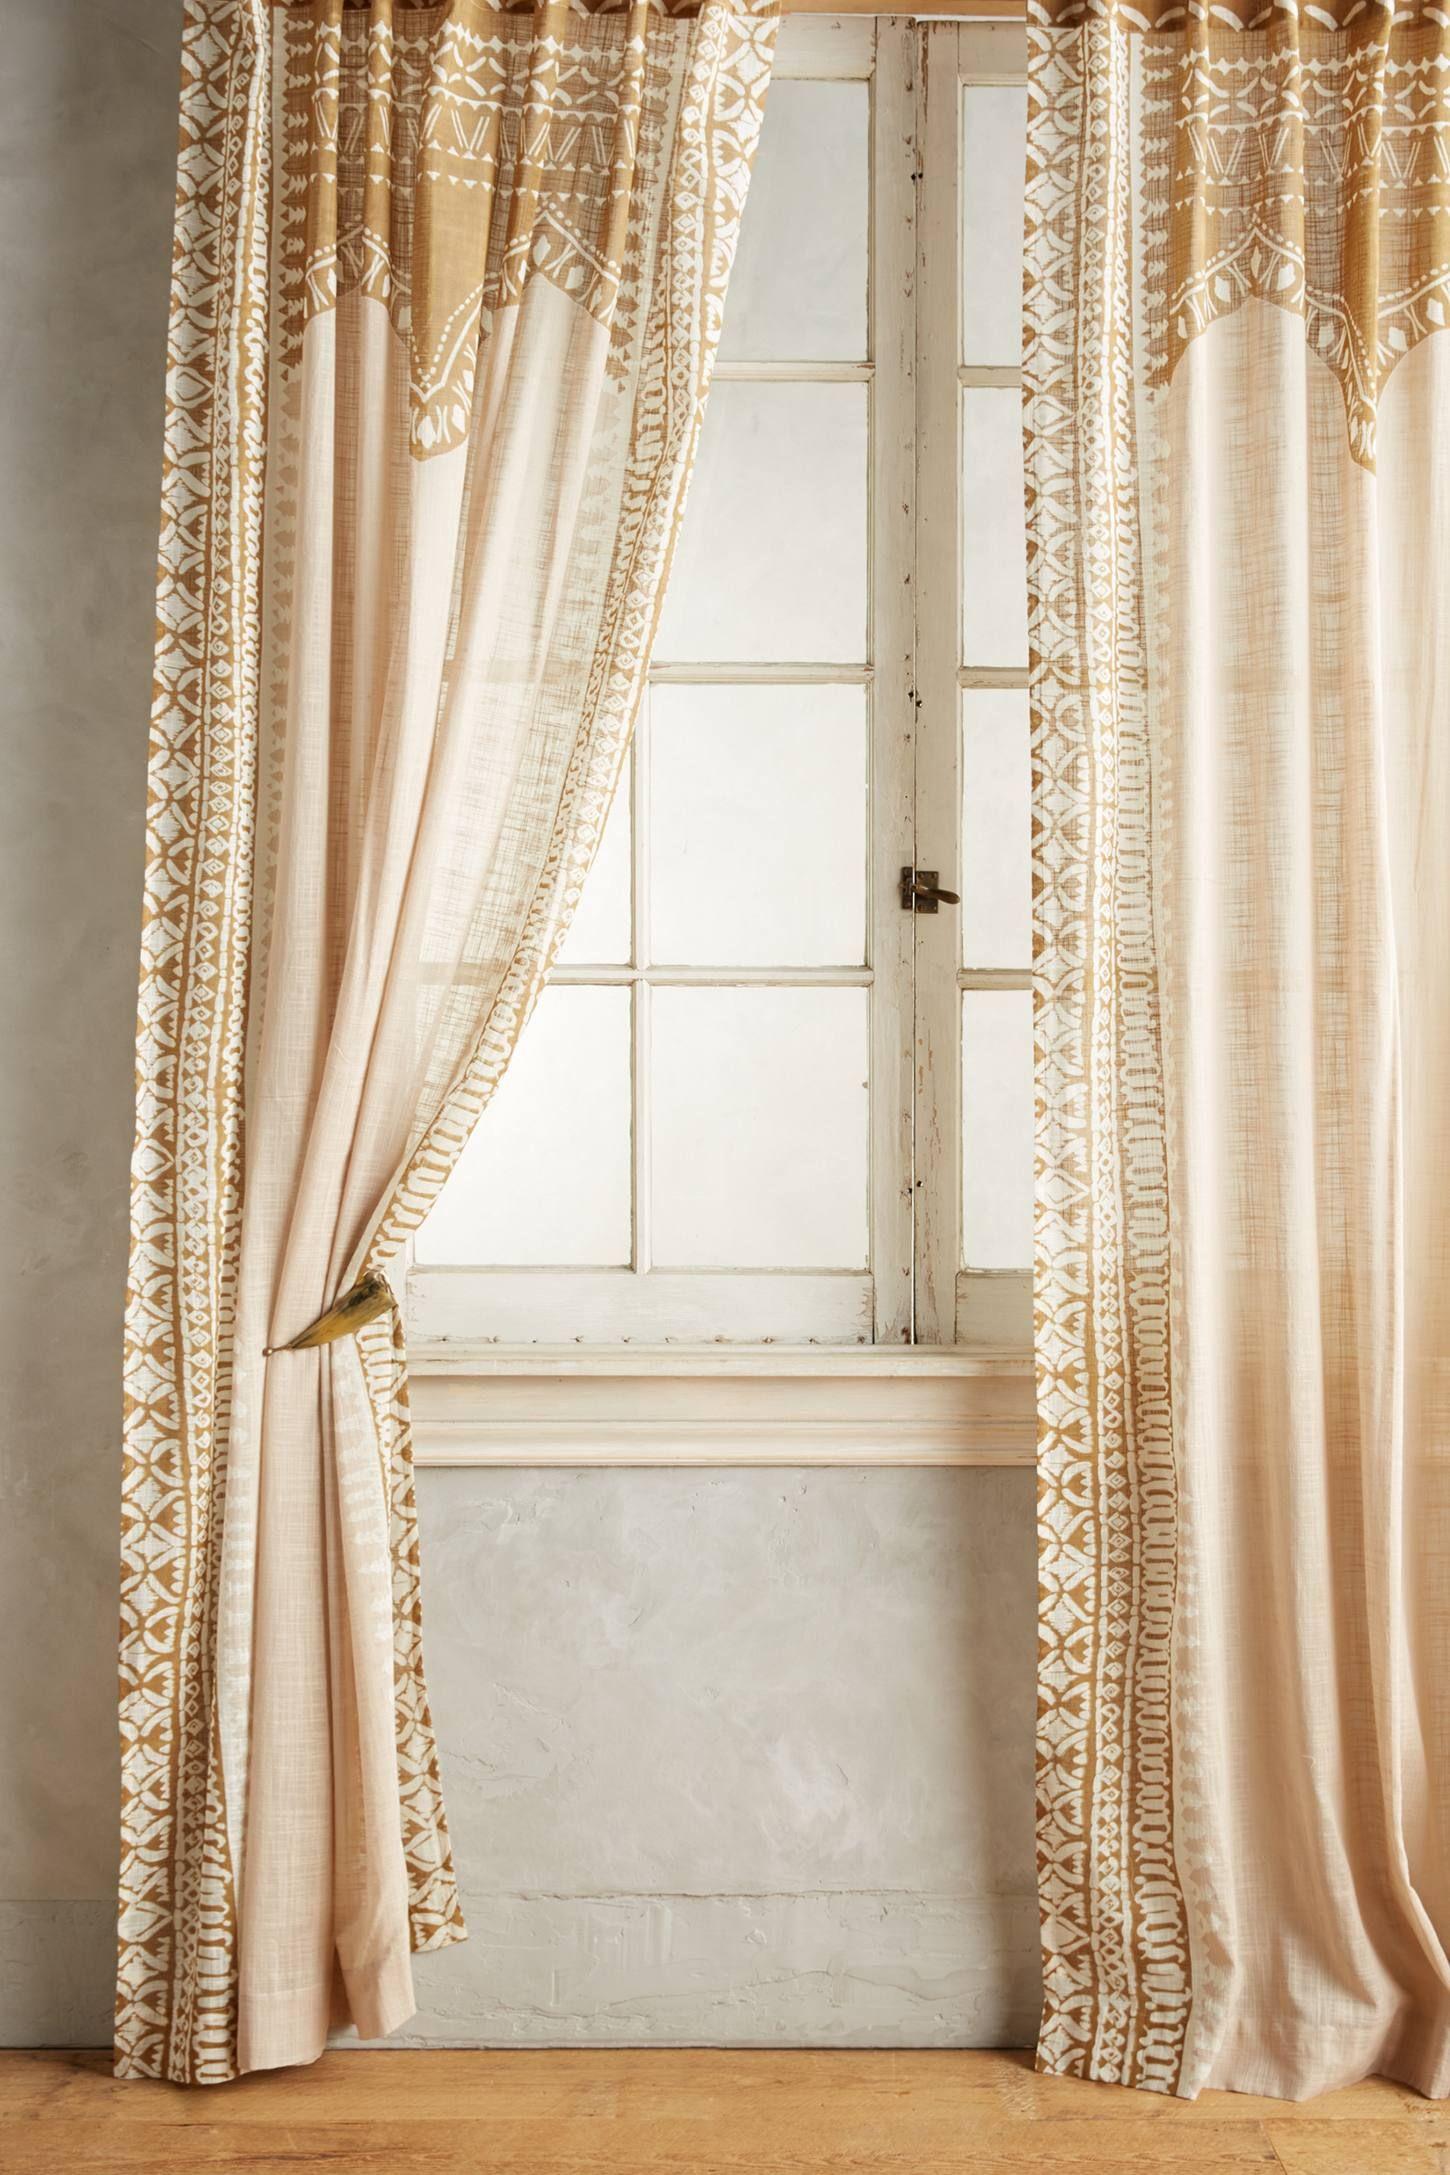 Smithery Curtain Rod Home Curtains Bohemian Curtains Shabby